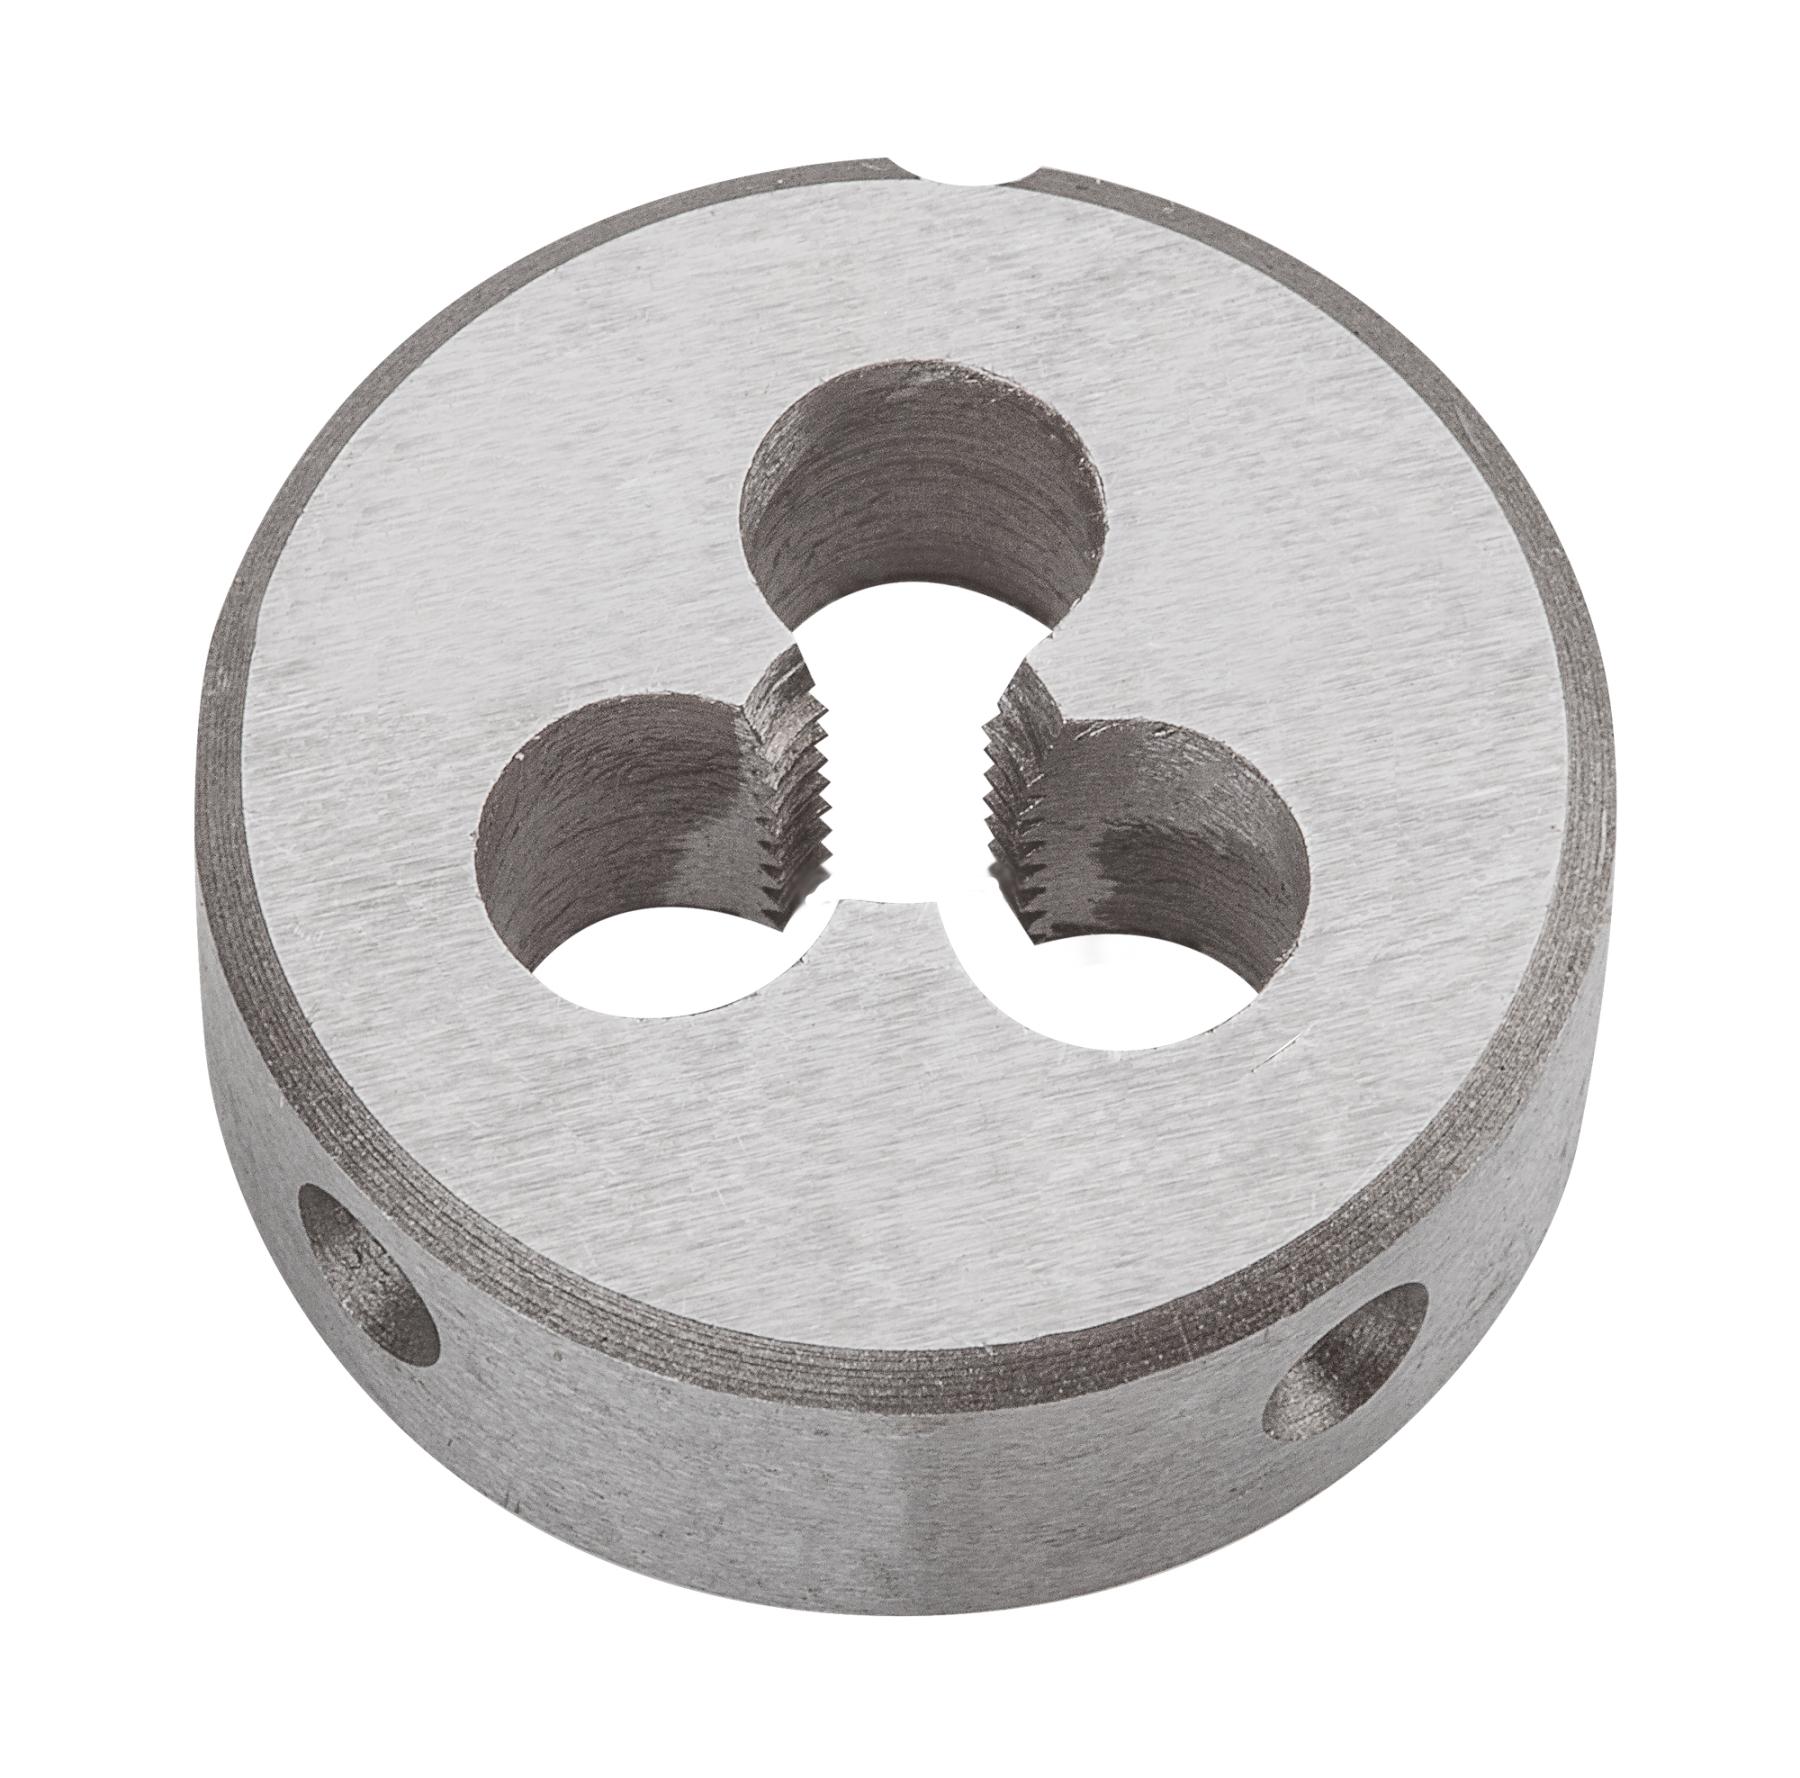 Плашка вольфрамовая Topex, М4, 25 х 9 мм04-092Плашки вольфрамовые Торех используются для нарезания метрической резьбы. Характеристики: Материал: металл. Шаг резьбы: М4. Размеры плашки: 2,5 см х 0,9 см. Размеры упаковки:9 см х 5 см х 1,5 см.